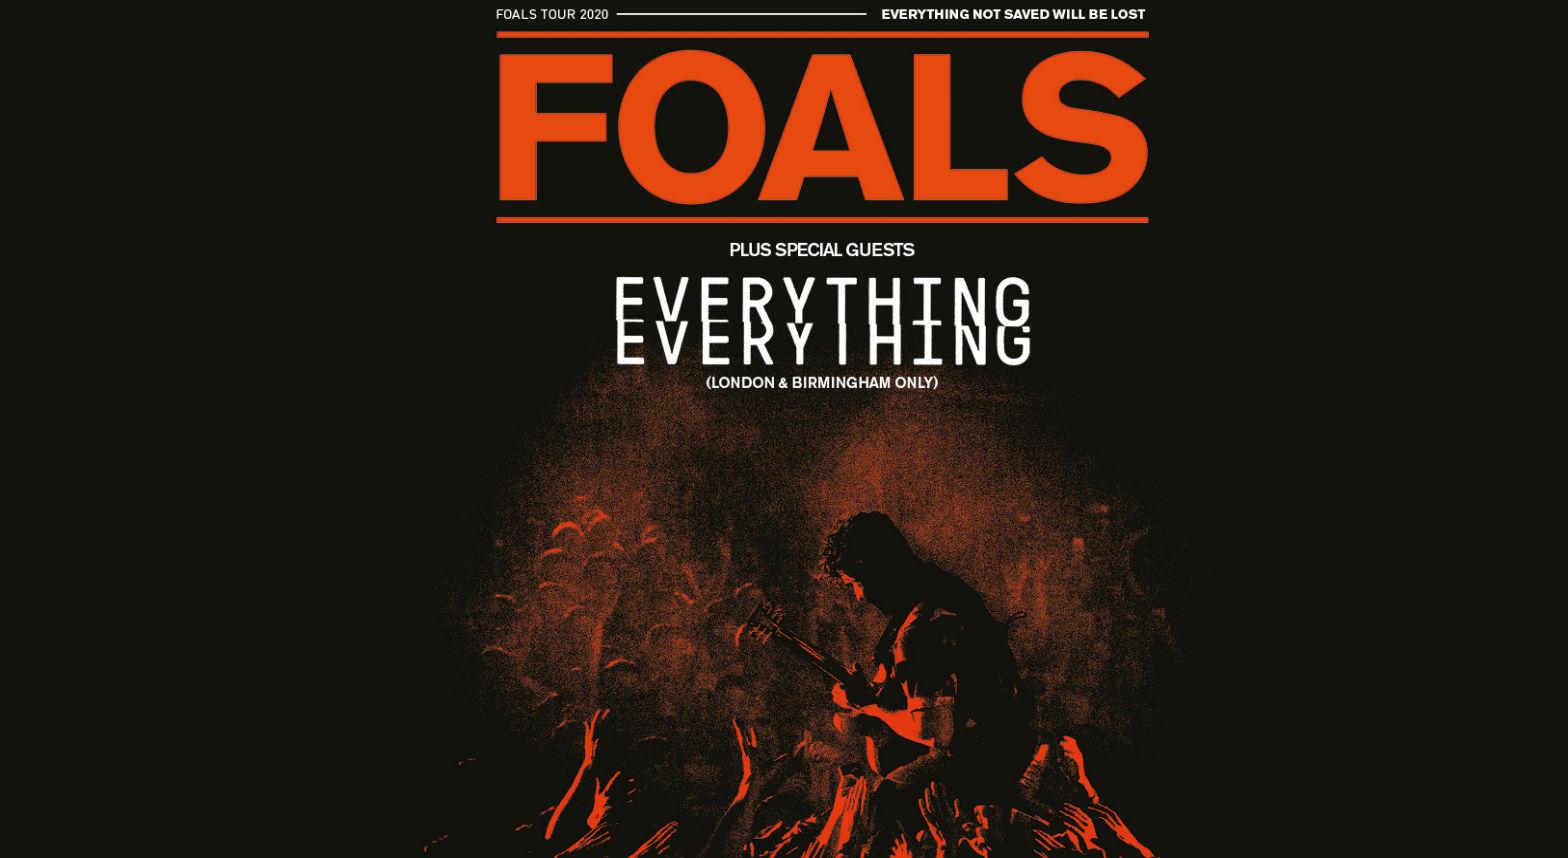 foals-arenasV1.jpg